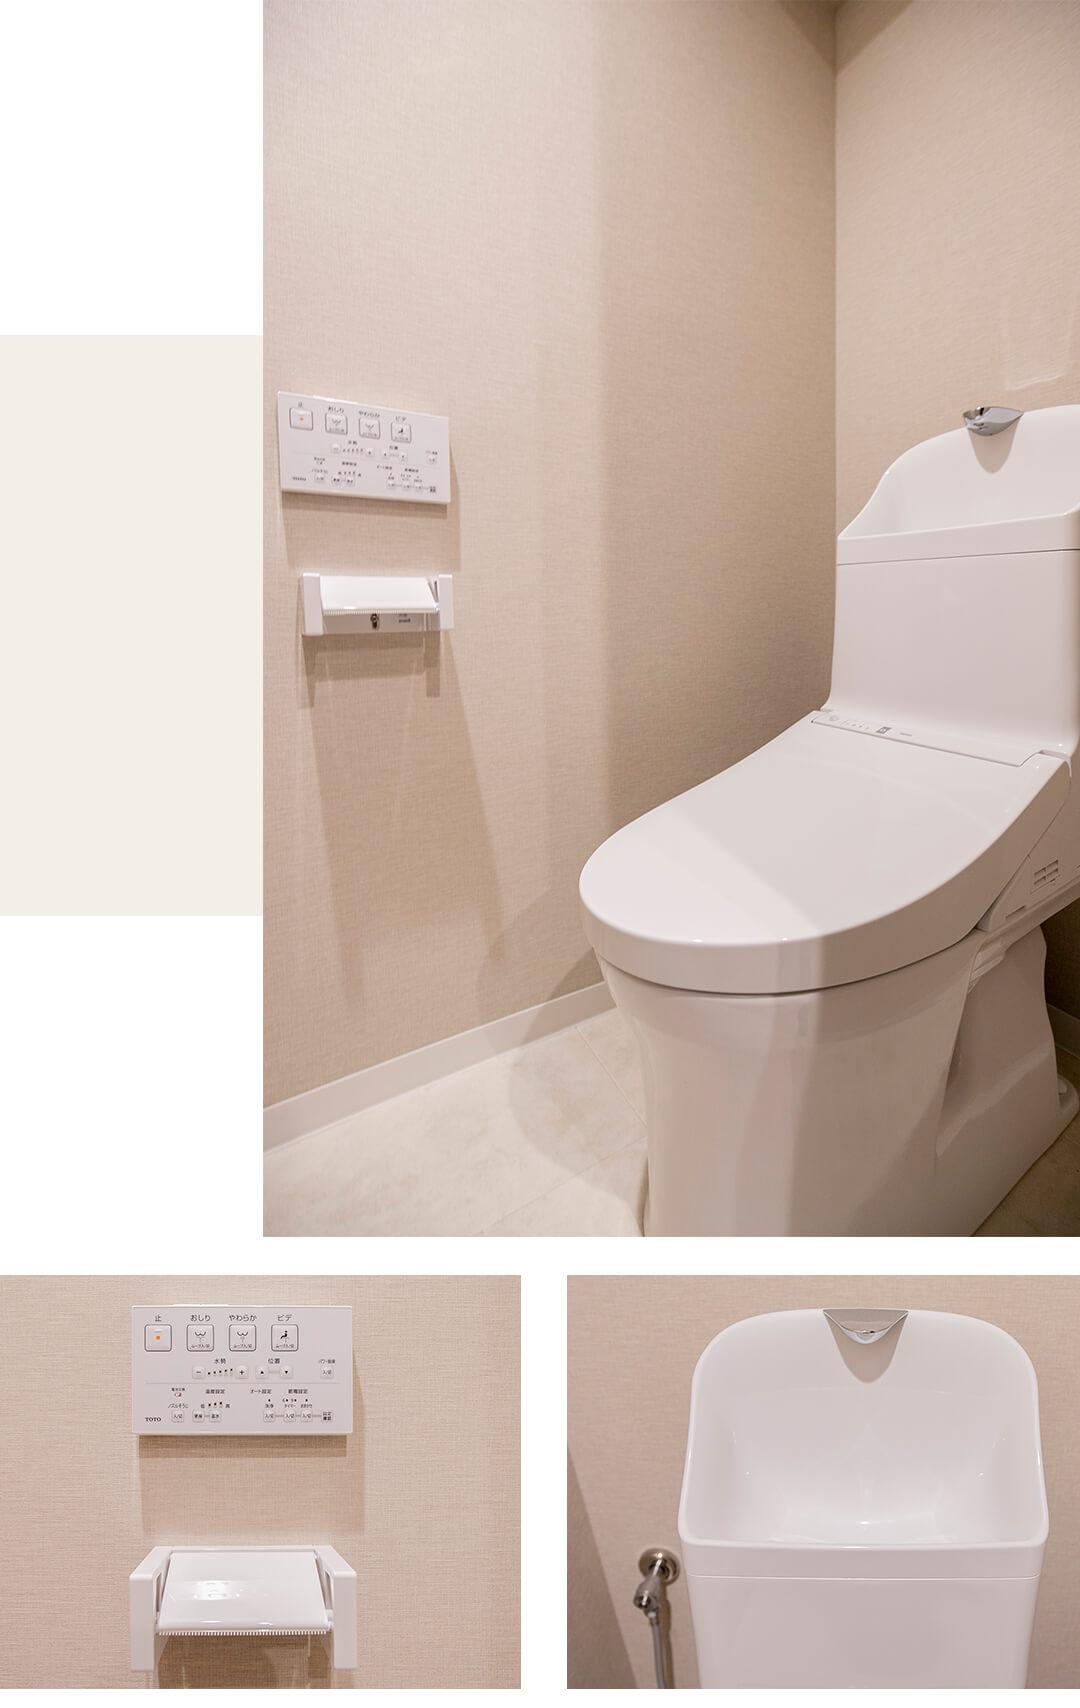 フェニックス早稲田のトイレ